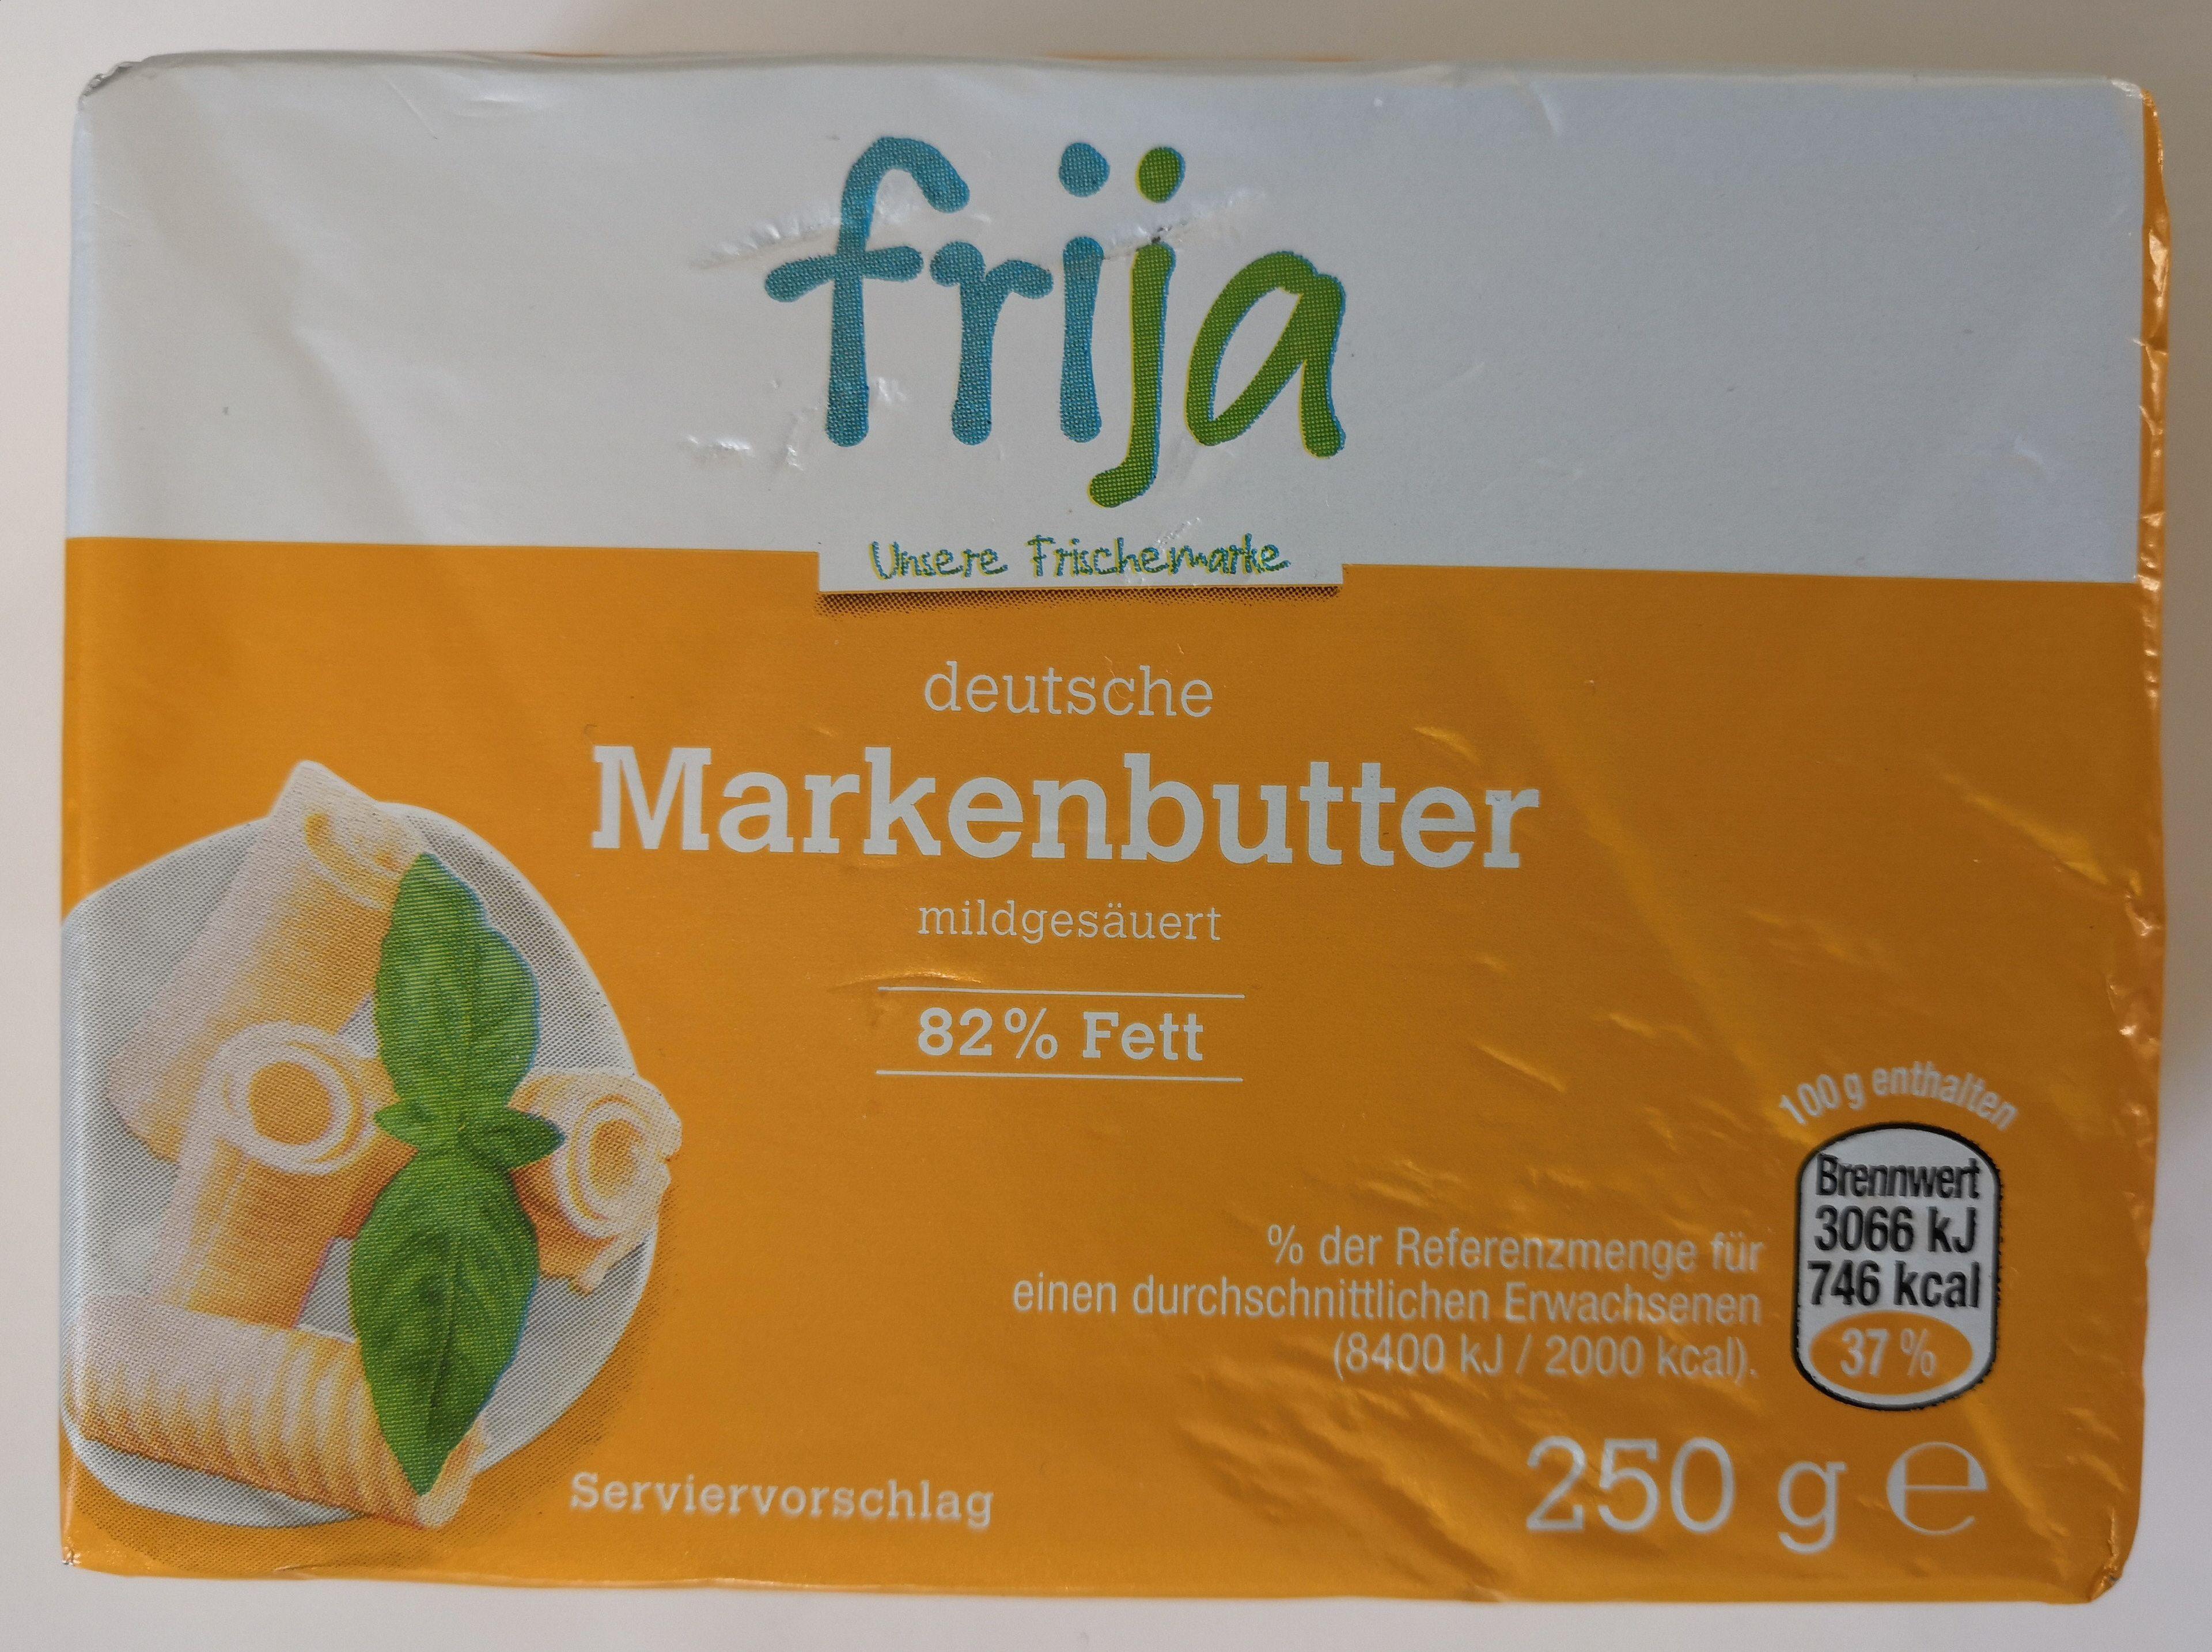 Günstige Milchprodukte bei Netto (Scottie): z.B. 5x 250g Deutsche Markenbutter für 5€ | 12x 1L H-Milch für 6€ | Käse und Sahnejoghurt